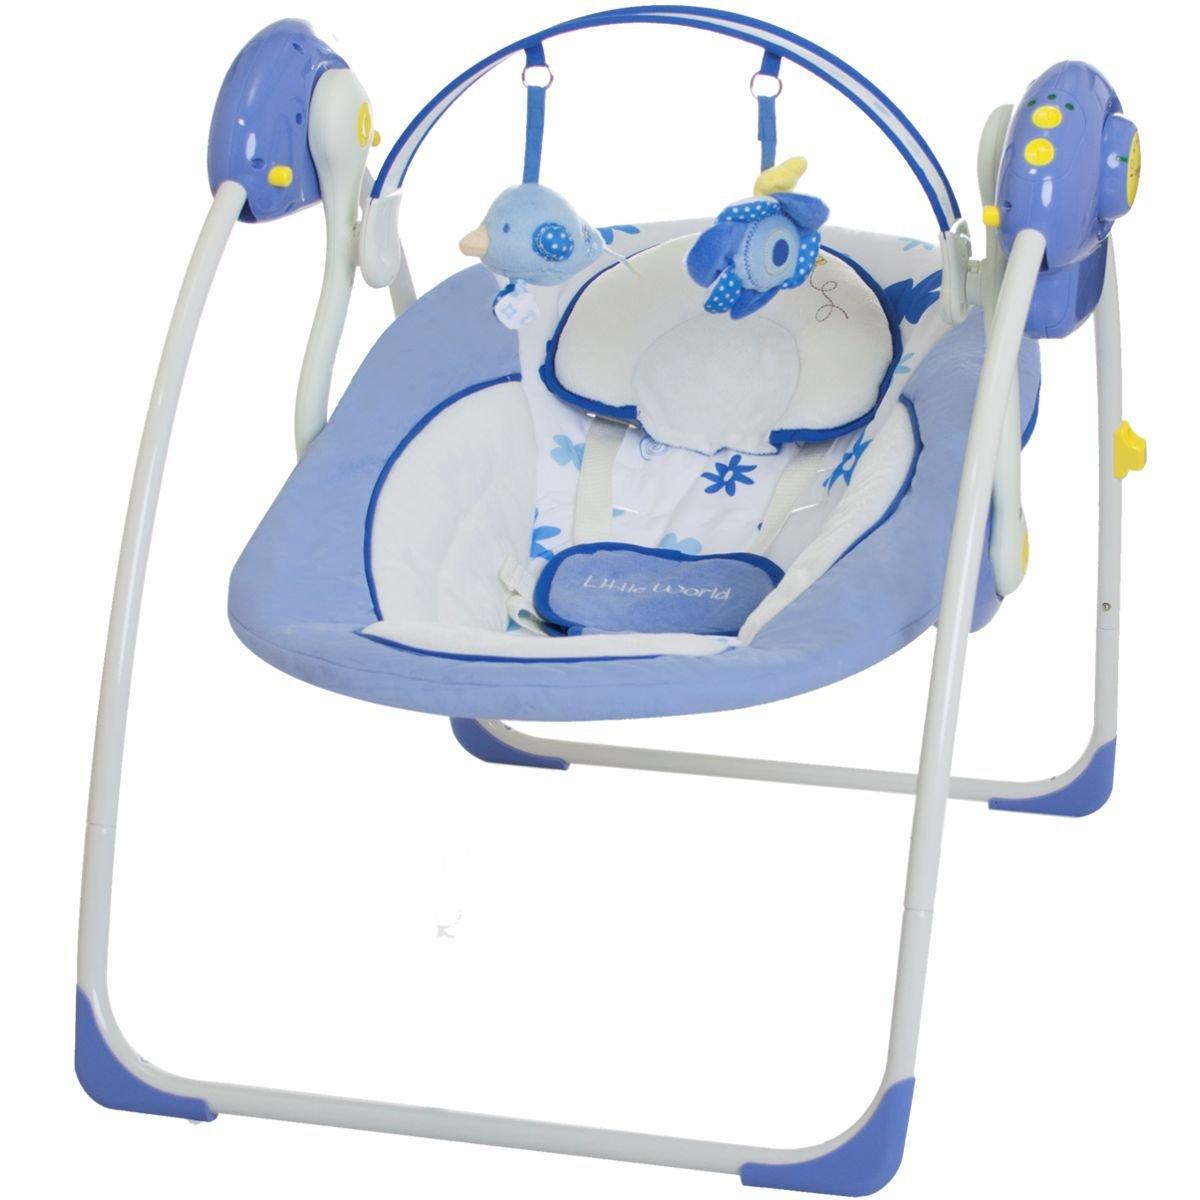 Babyschaukel (vollautomatisch 230V) mit 8 Melodien und 5 Schaukelgeschwindigkeiten (PINK) Stimo24